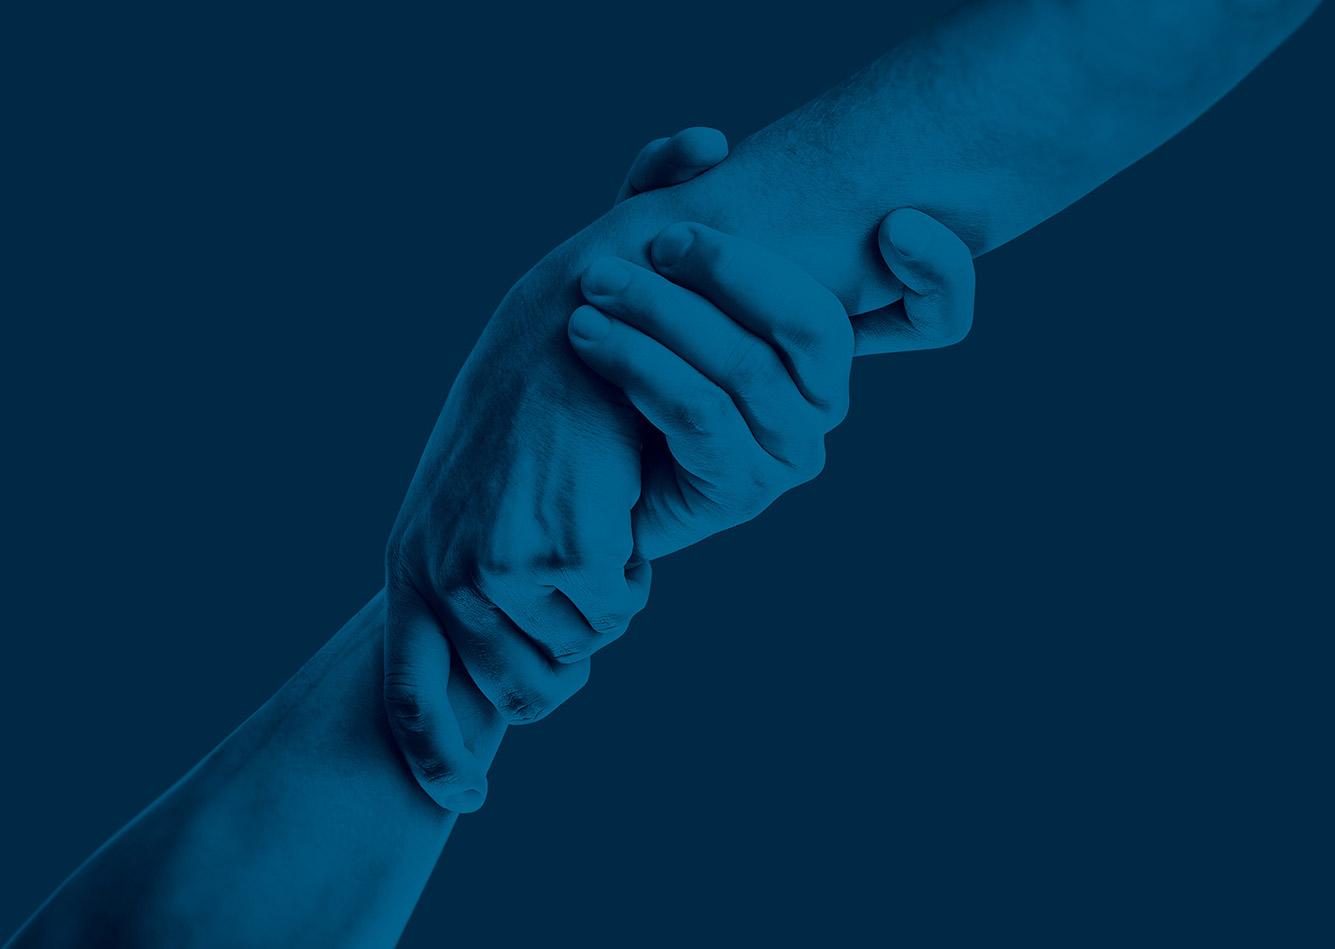 Met elkaar zorgen we voor elkaar